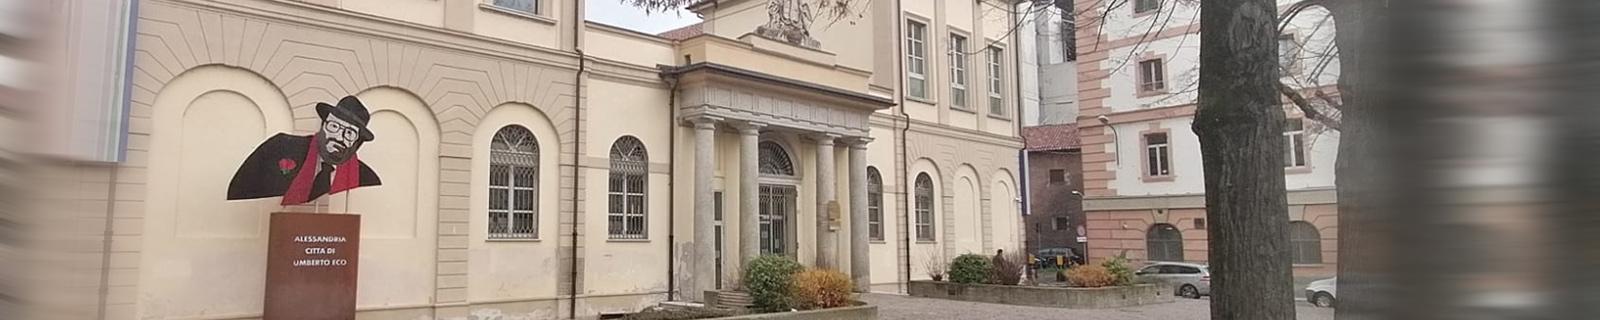 Foto facciata della Biblioteca Civica di Alessandria